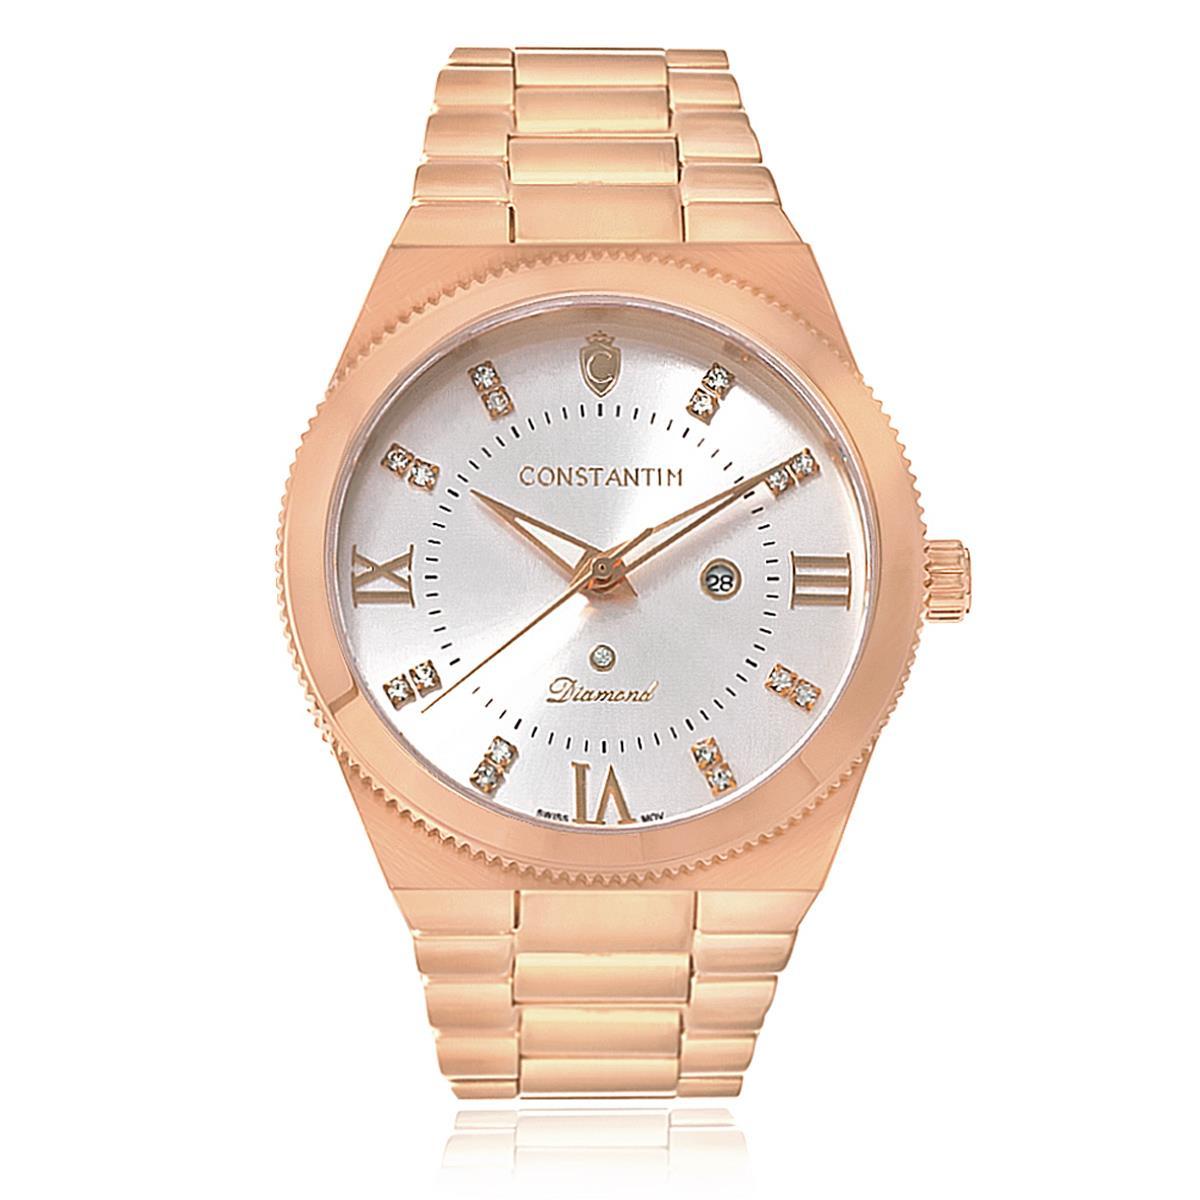 6be7538a9ee Relógio Constantim Diamond Rose Silver Analógico 6651-RS Aço Rose